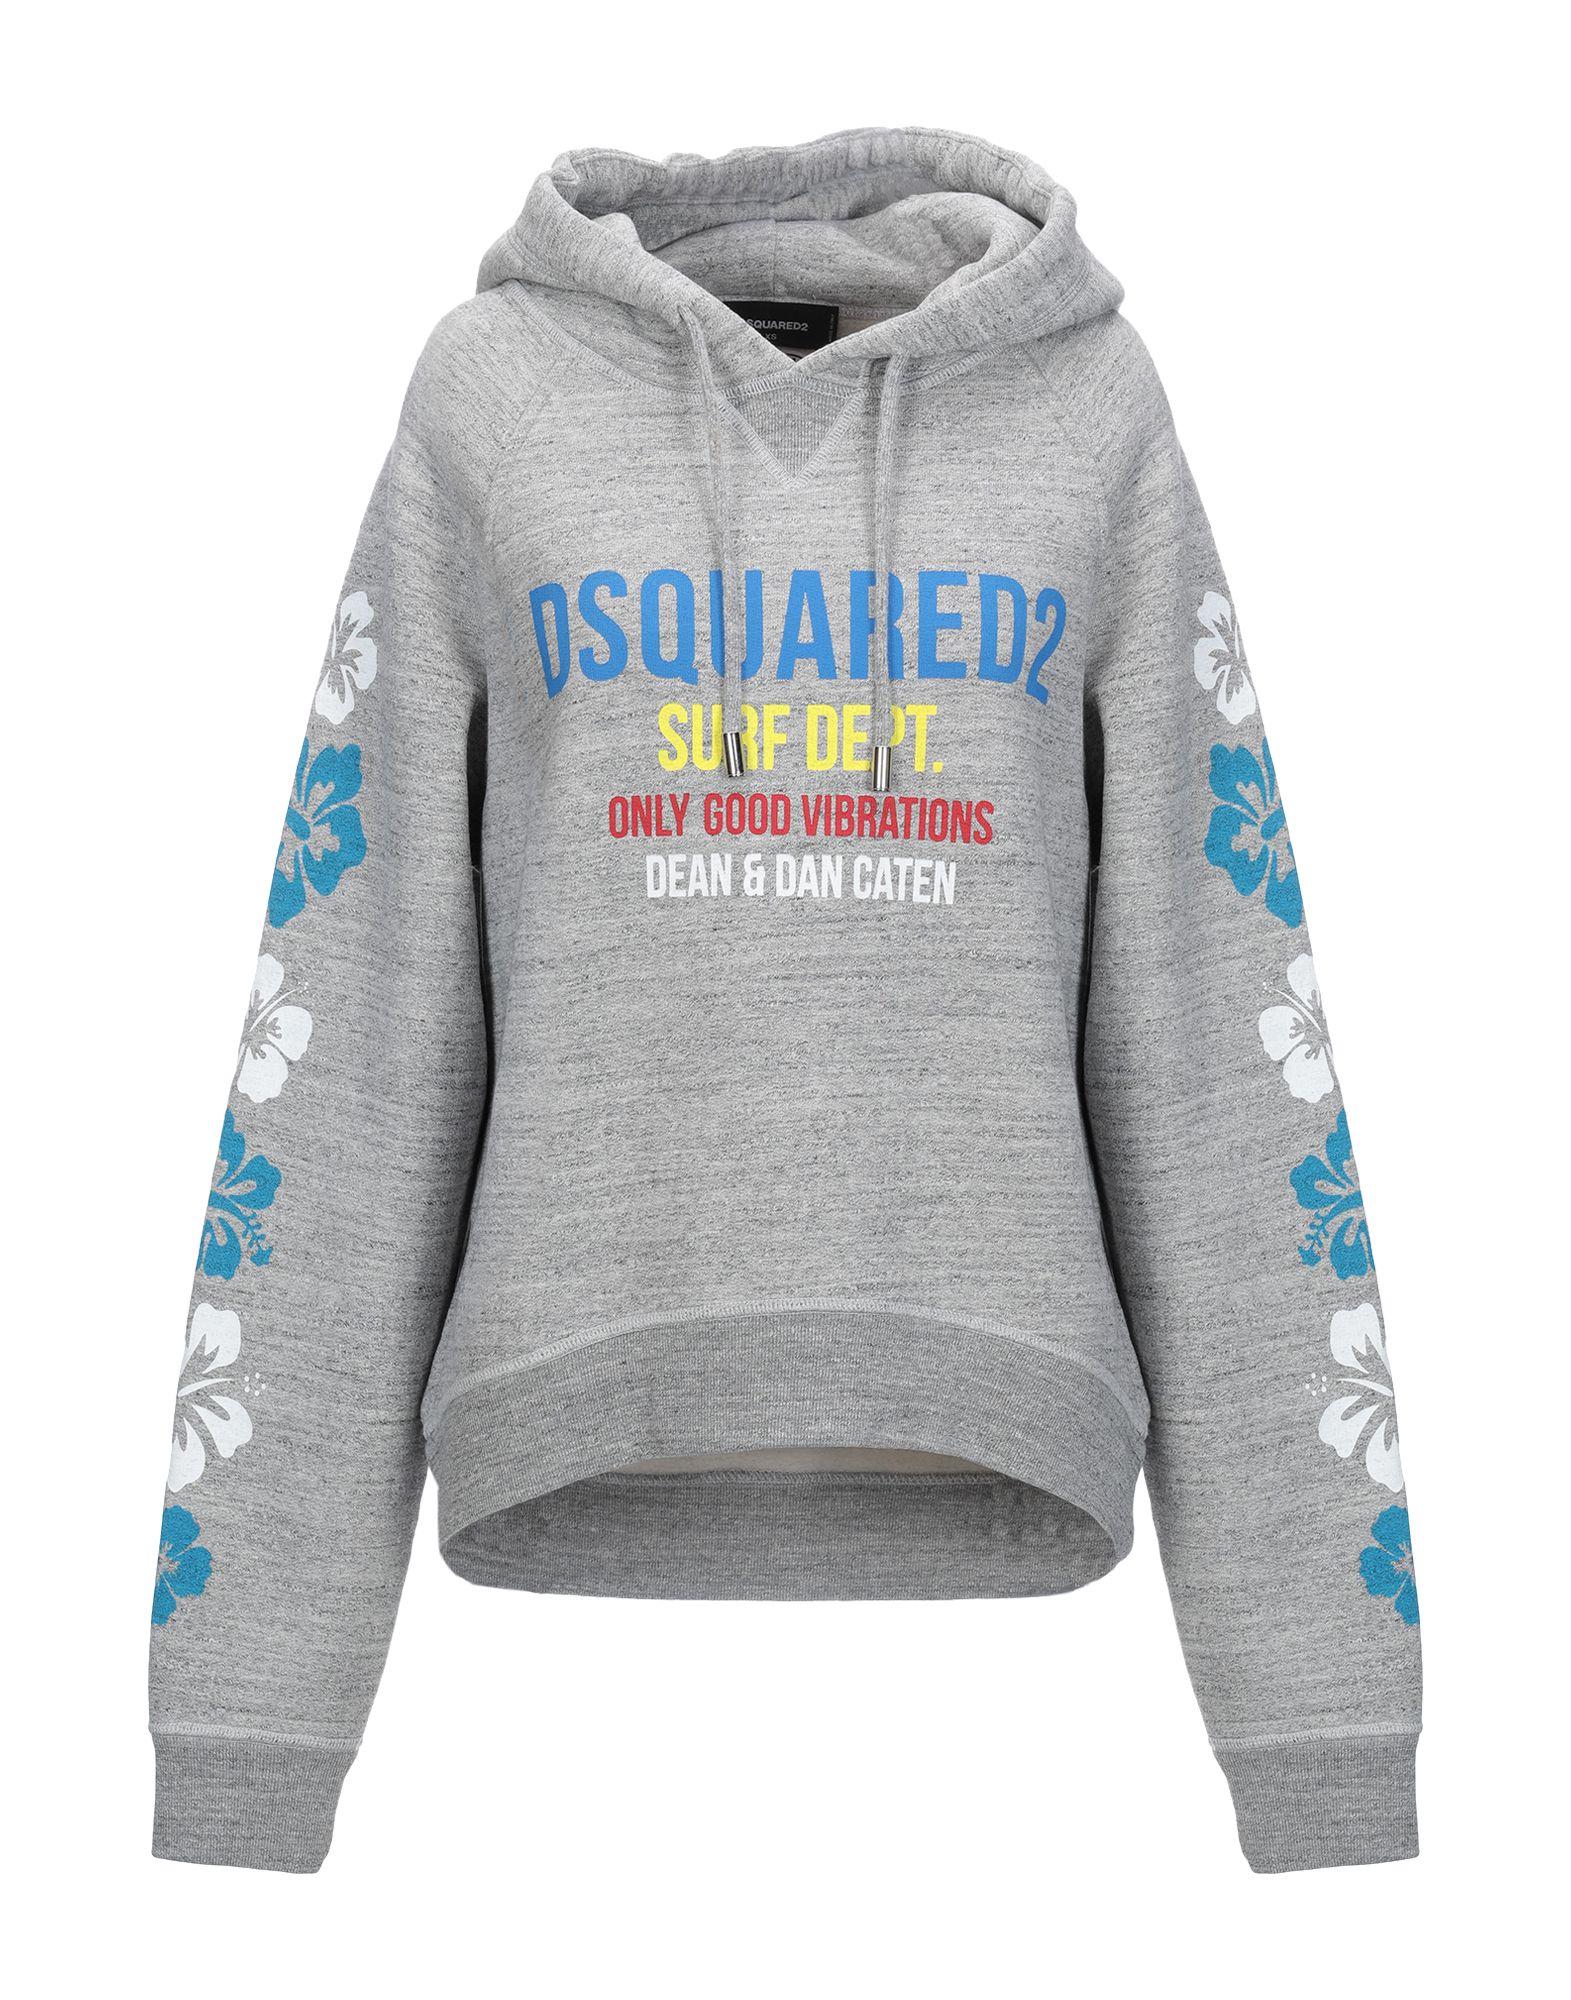 DSQUARED2 Damen Sweatshirt2 grau